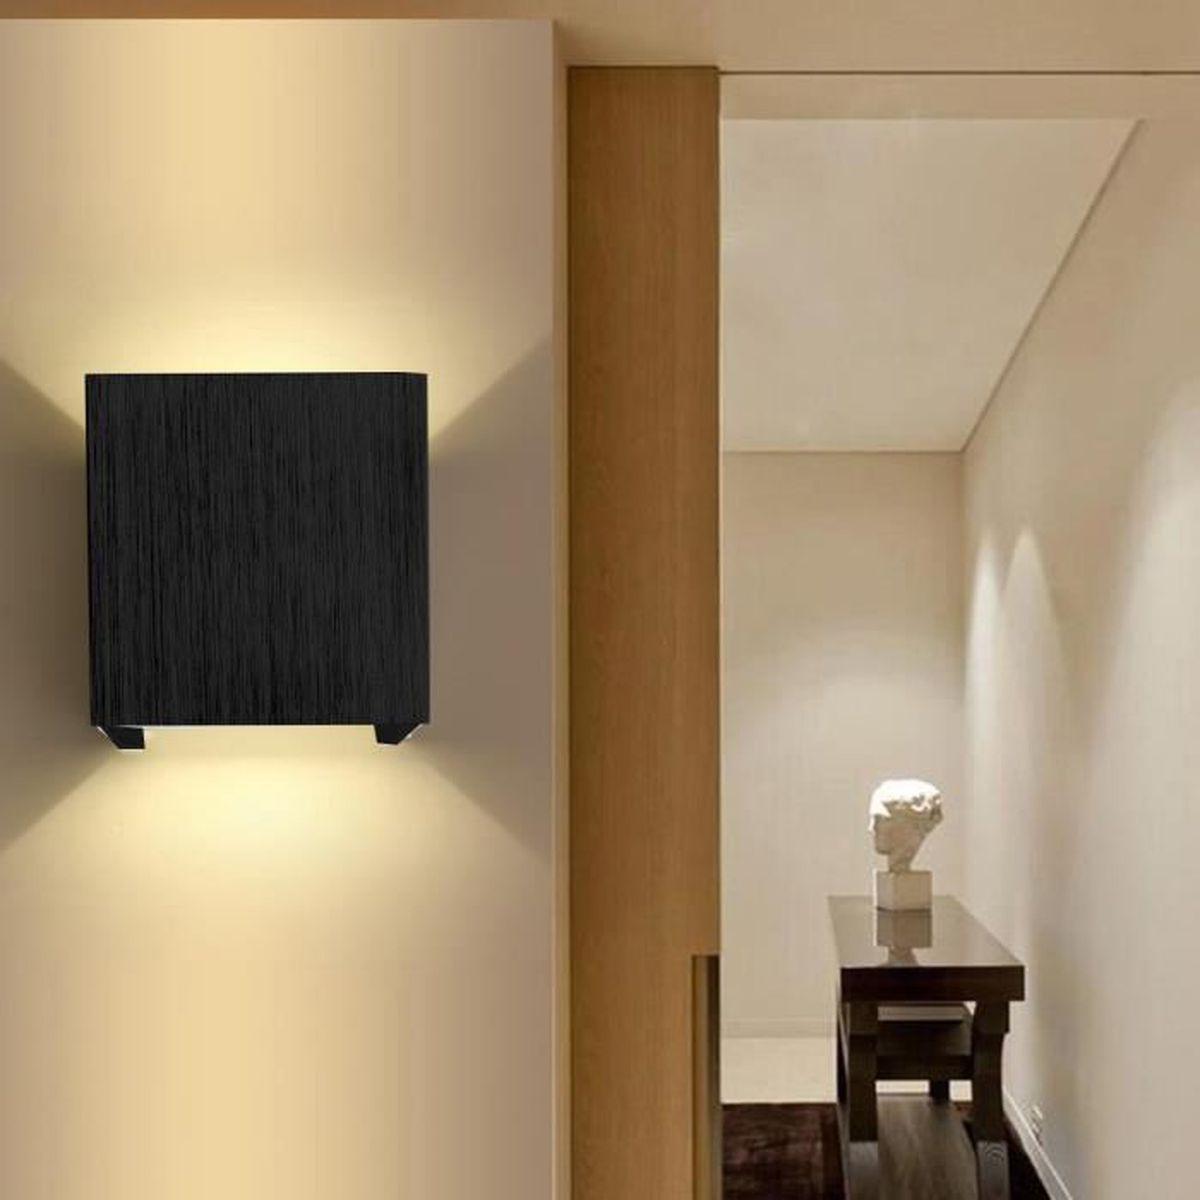 Applique murale interieur design beautiful applique interieur design coupoles en mactal laquac - Luminaire leroy merlin interieur ...